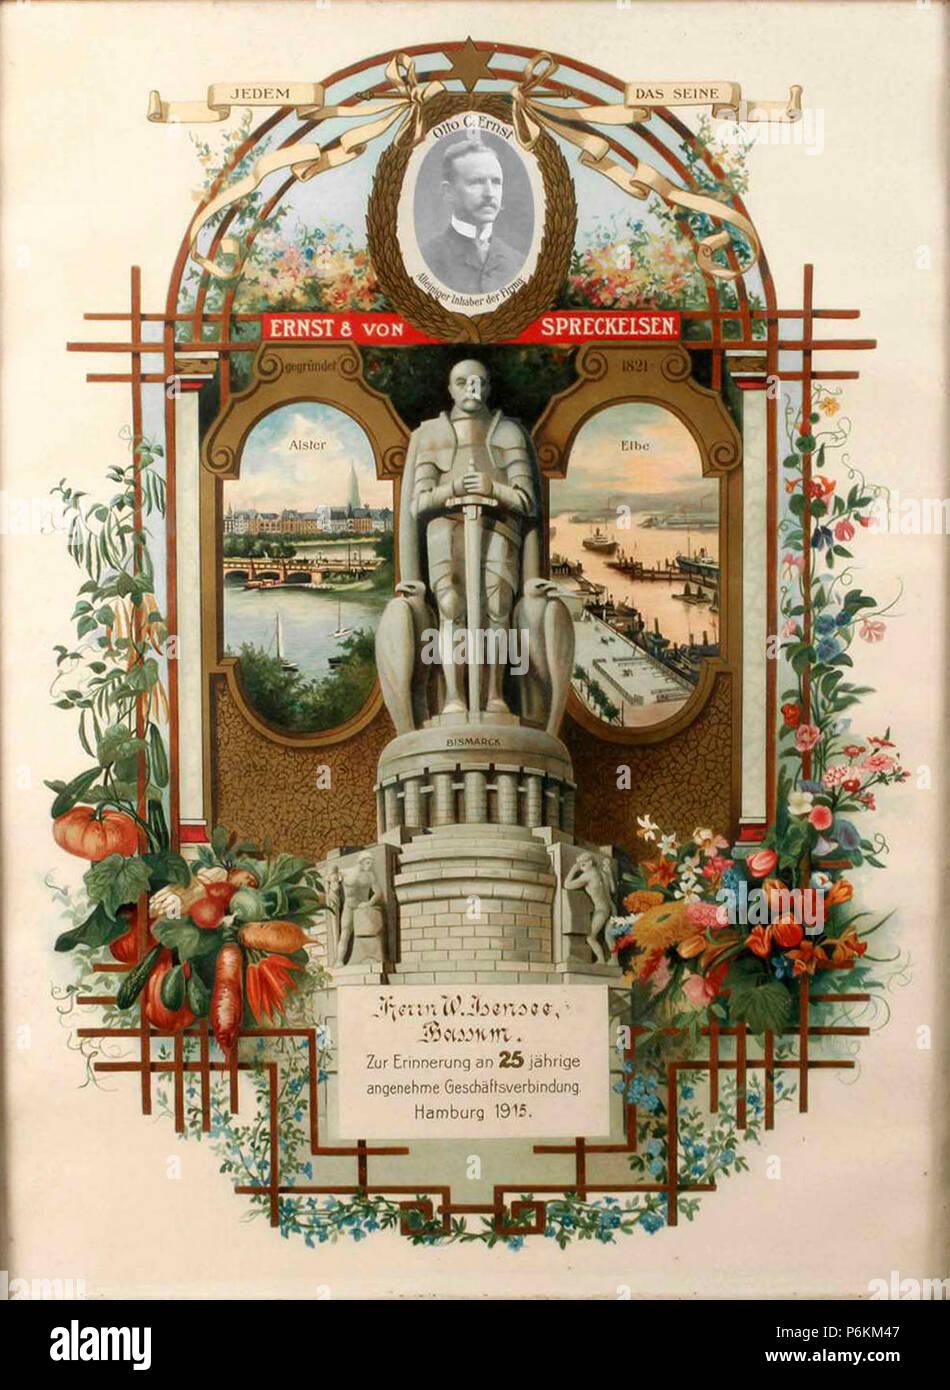 1915 Ernst & von Spreckelsen Urkunde 25-jährige Geschäftsverbindung mit W. Ibensee in Bassum, Chromolithografie. - Stock Image